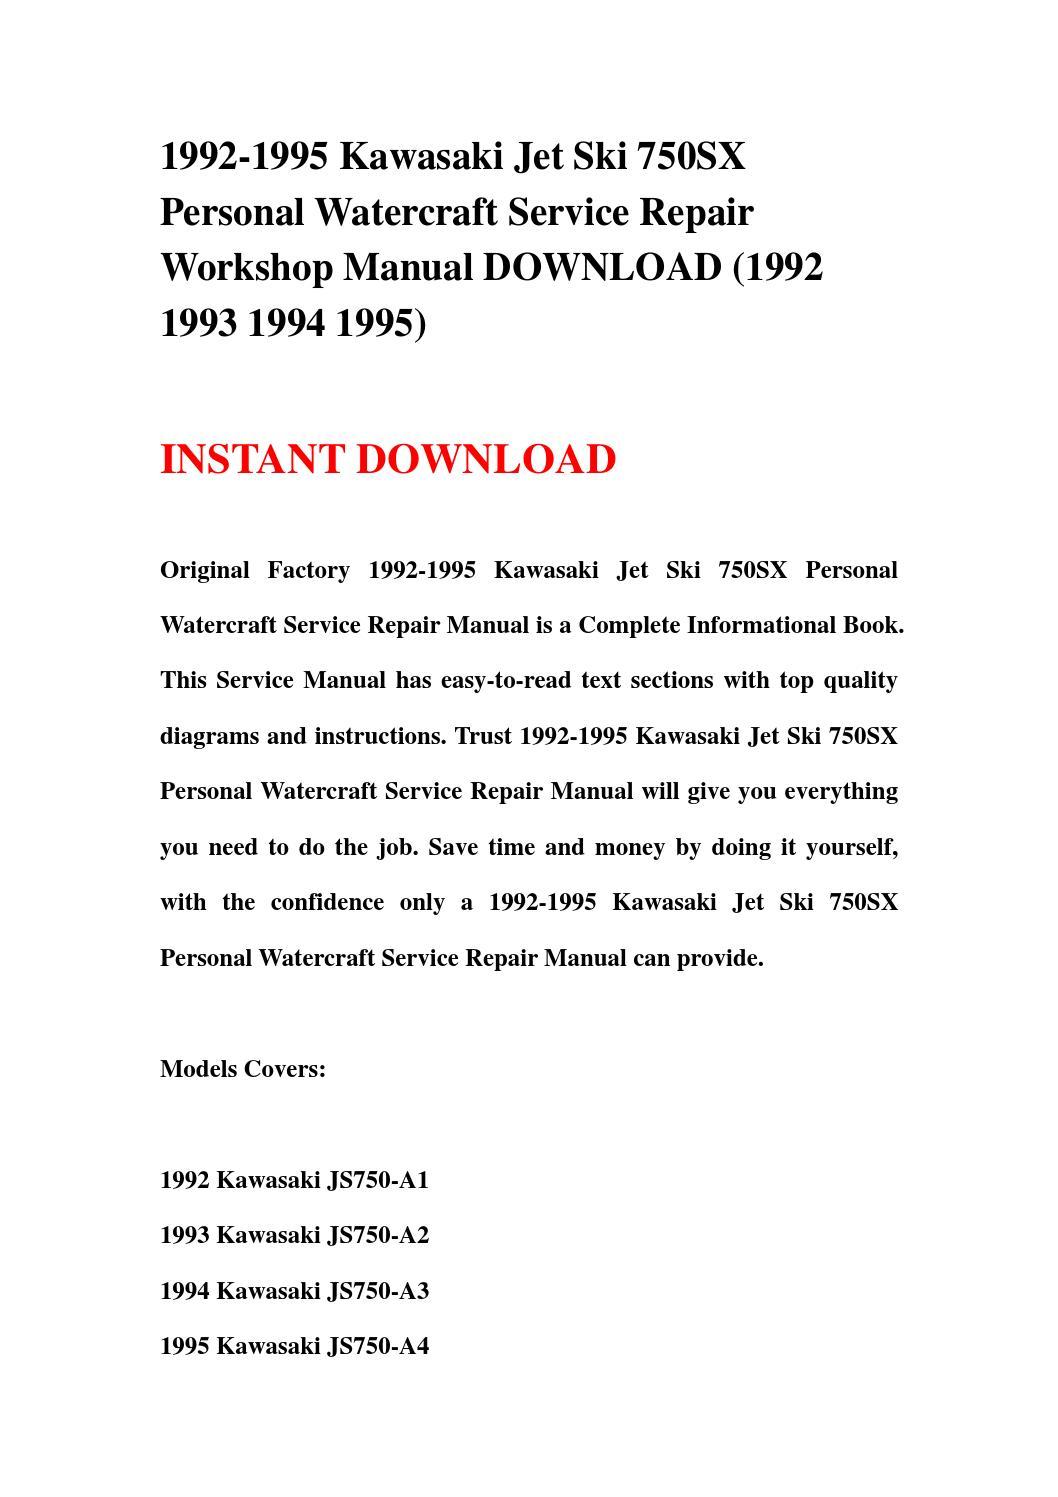 1992 1995 Kawasaki Jet Ski 750sx Personal Watercraft Service Repair Wiring Diagram On Workshop Manual Download 1 By Jsefmn Mkjn Issuu